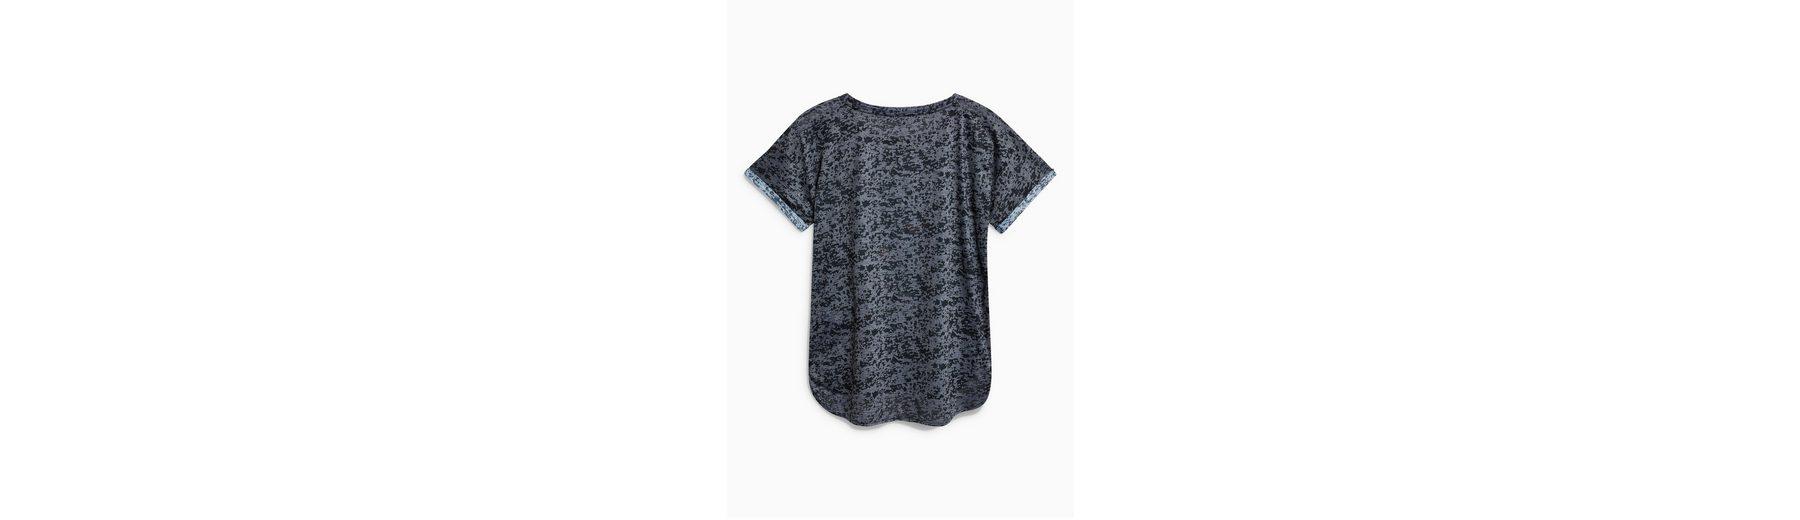 Spielraum 2018 Neu Next T-Shirt mit Storchenmotiv Billig Verkauf Suchen Heißen Verkauf Online Mit Paypal Zahlen Zu Verkaufen VZc9mT0g5